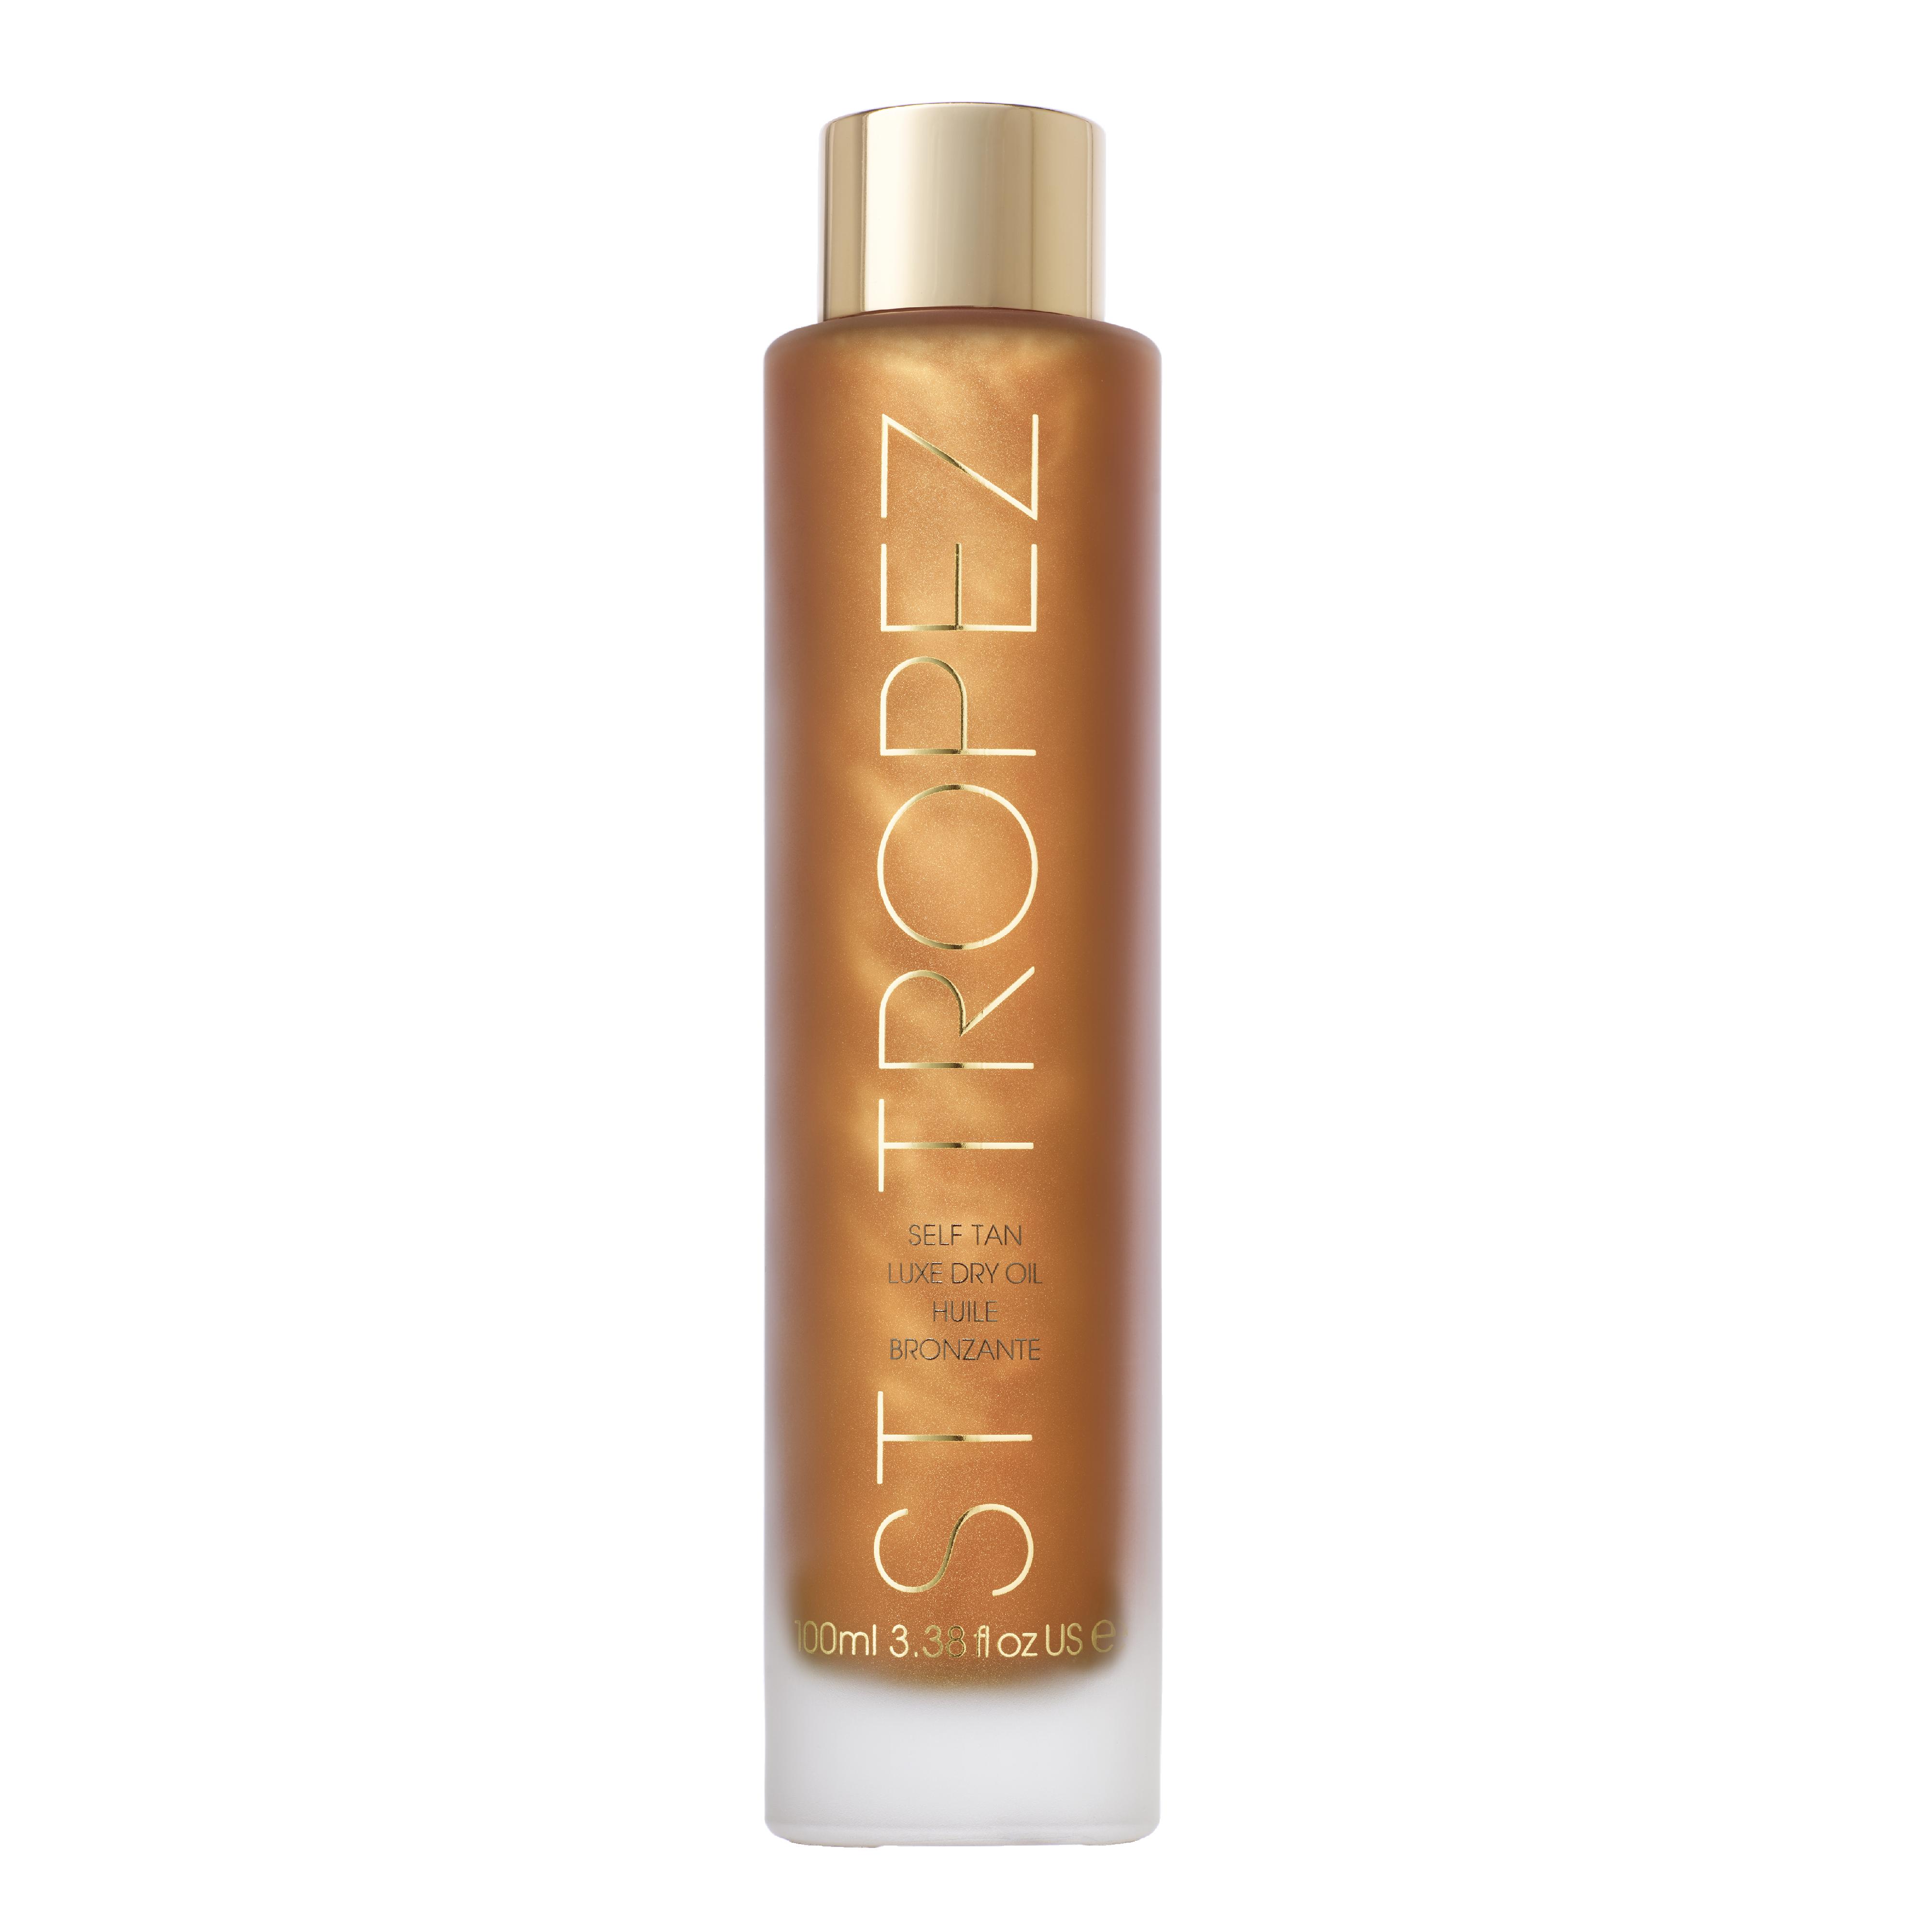 Self Tan Luxe Body Dry Oil